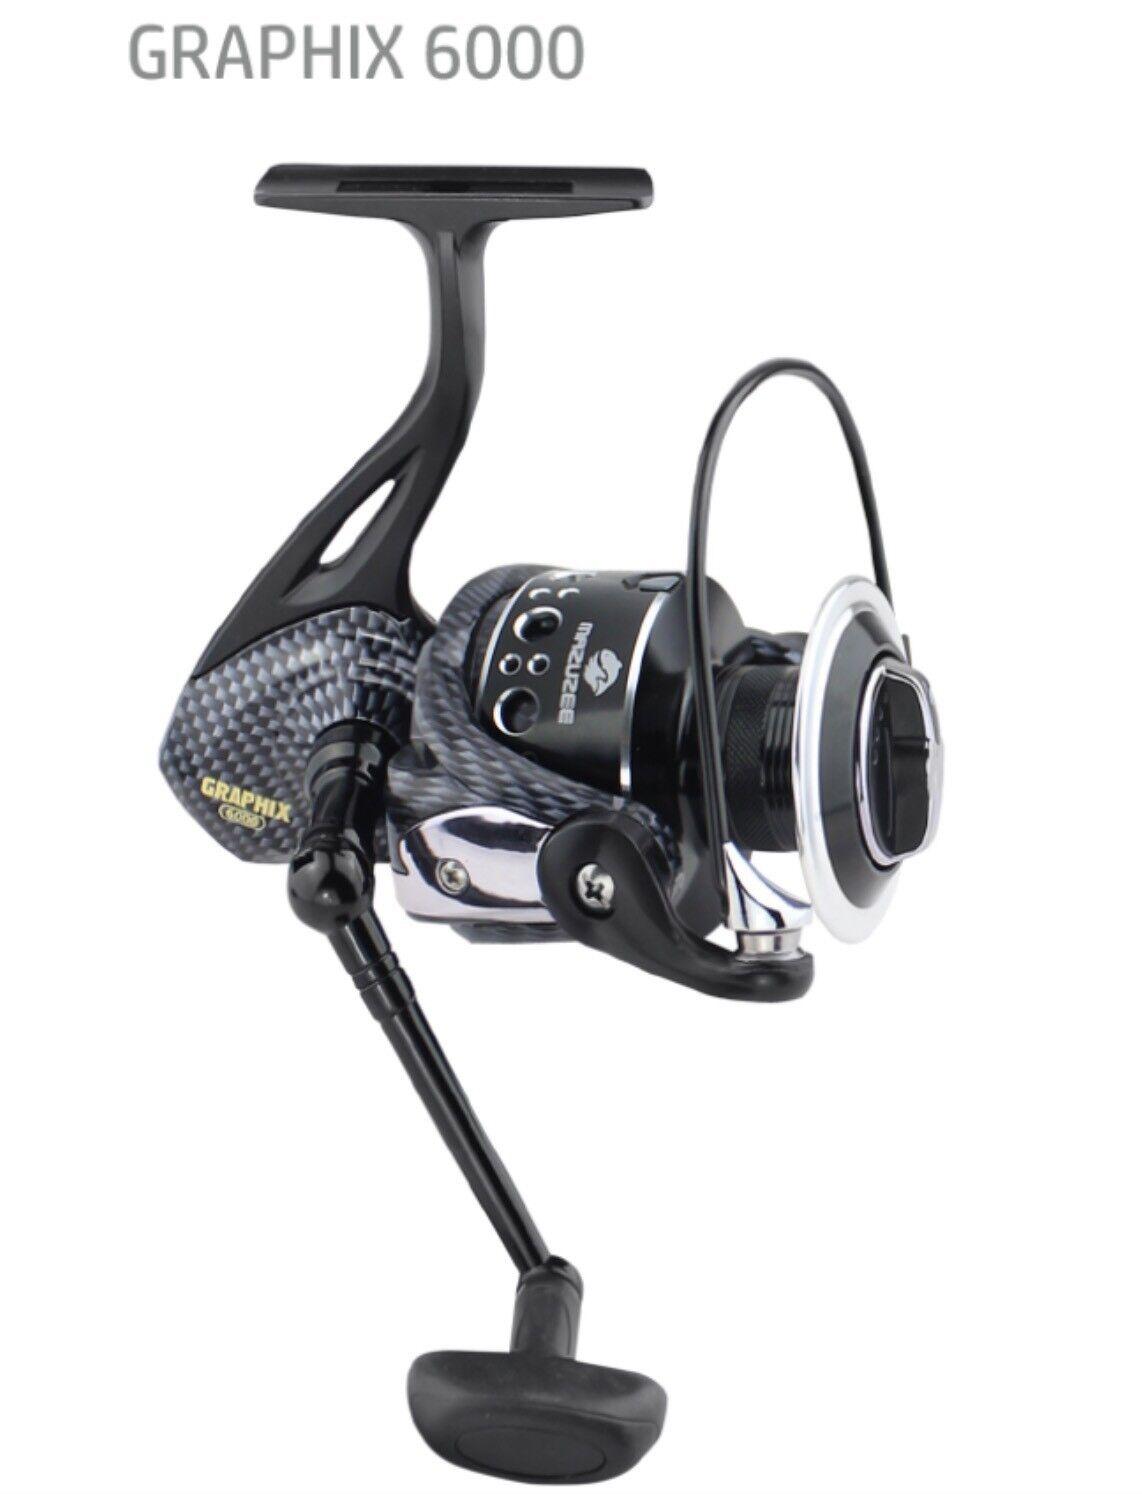 GRAPHIX 6000 Spining Fishing Fishing Fishing Reel BR Bite N Run Freespool d5ba5f